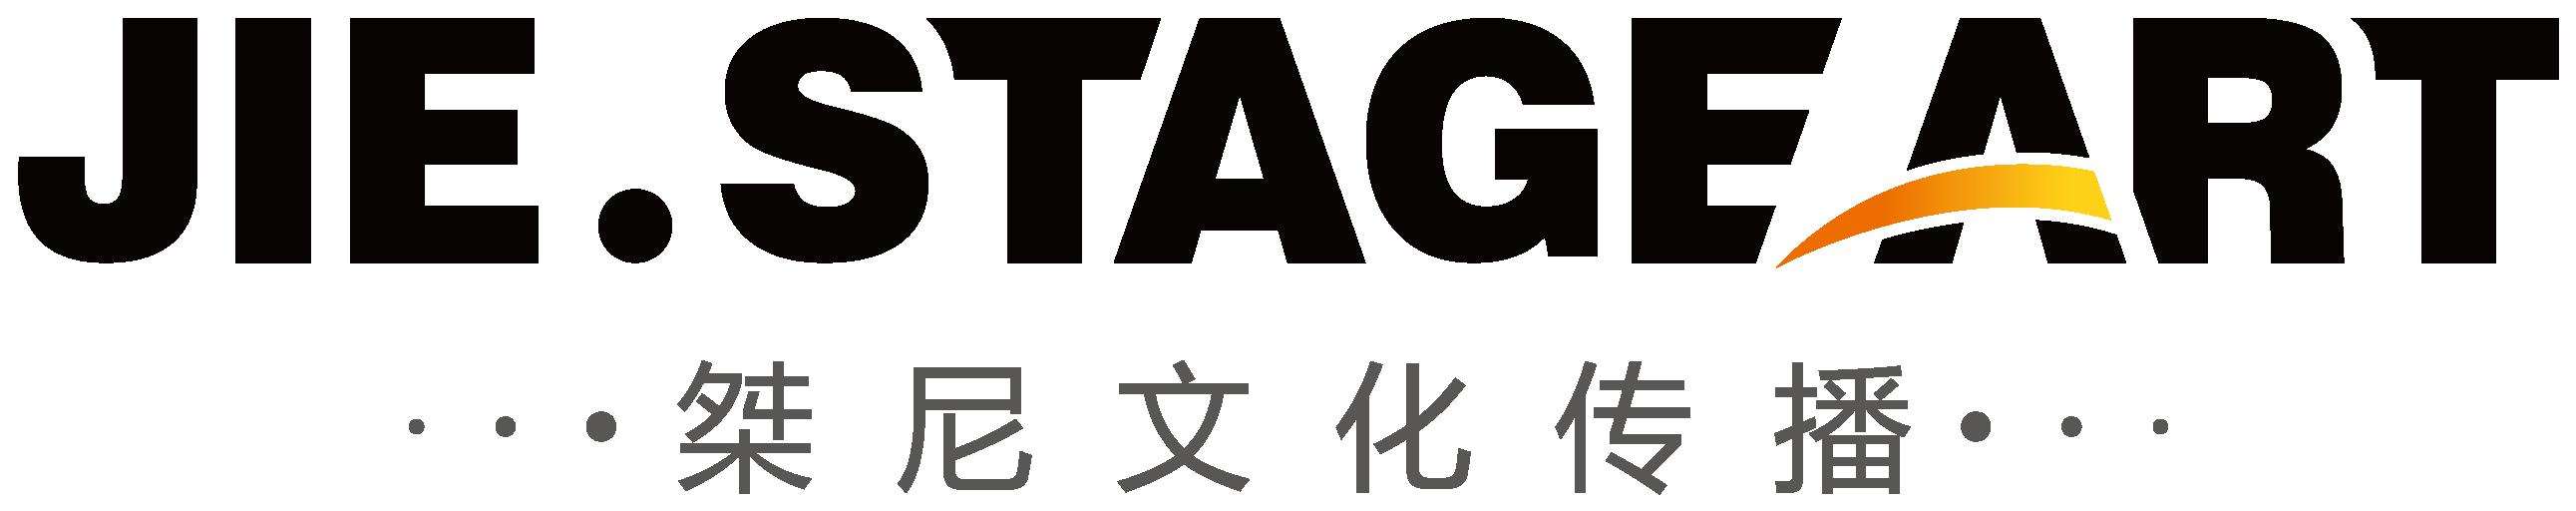 上海桀尼文化傳播有限公司